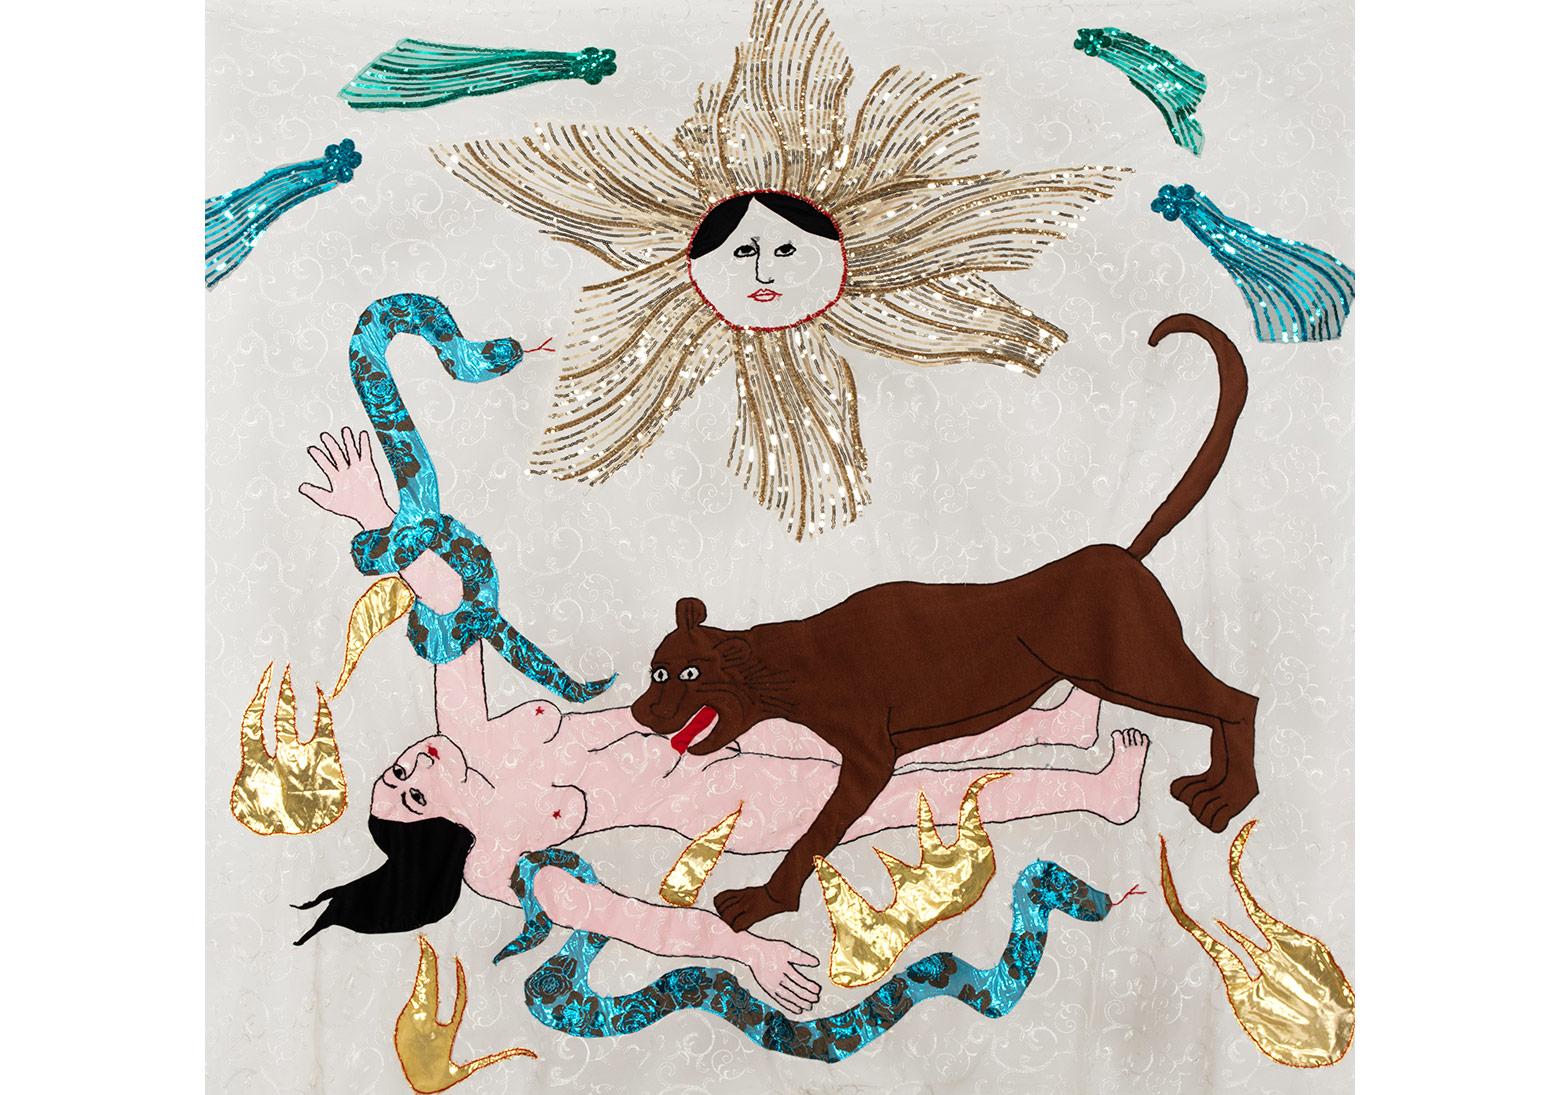 Güneş: Aslanlı Kadın' Işıl Işıl Karanlık serisinden / 'Sun: Woman with Lion' from the series Shining Darkness, 2015Tül üzerine kumaş, ip ve payet / Fabric, thread and paillette on tulle182 x 200 cmSanatçı'nın ve Rampa'nın izniyle / Courtesy the artist and Rampa Fotoğraf / Photograph: André Carvalho and Tugba Karatop - Chroma